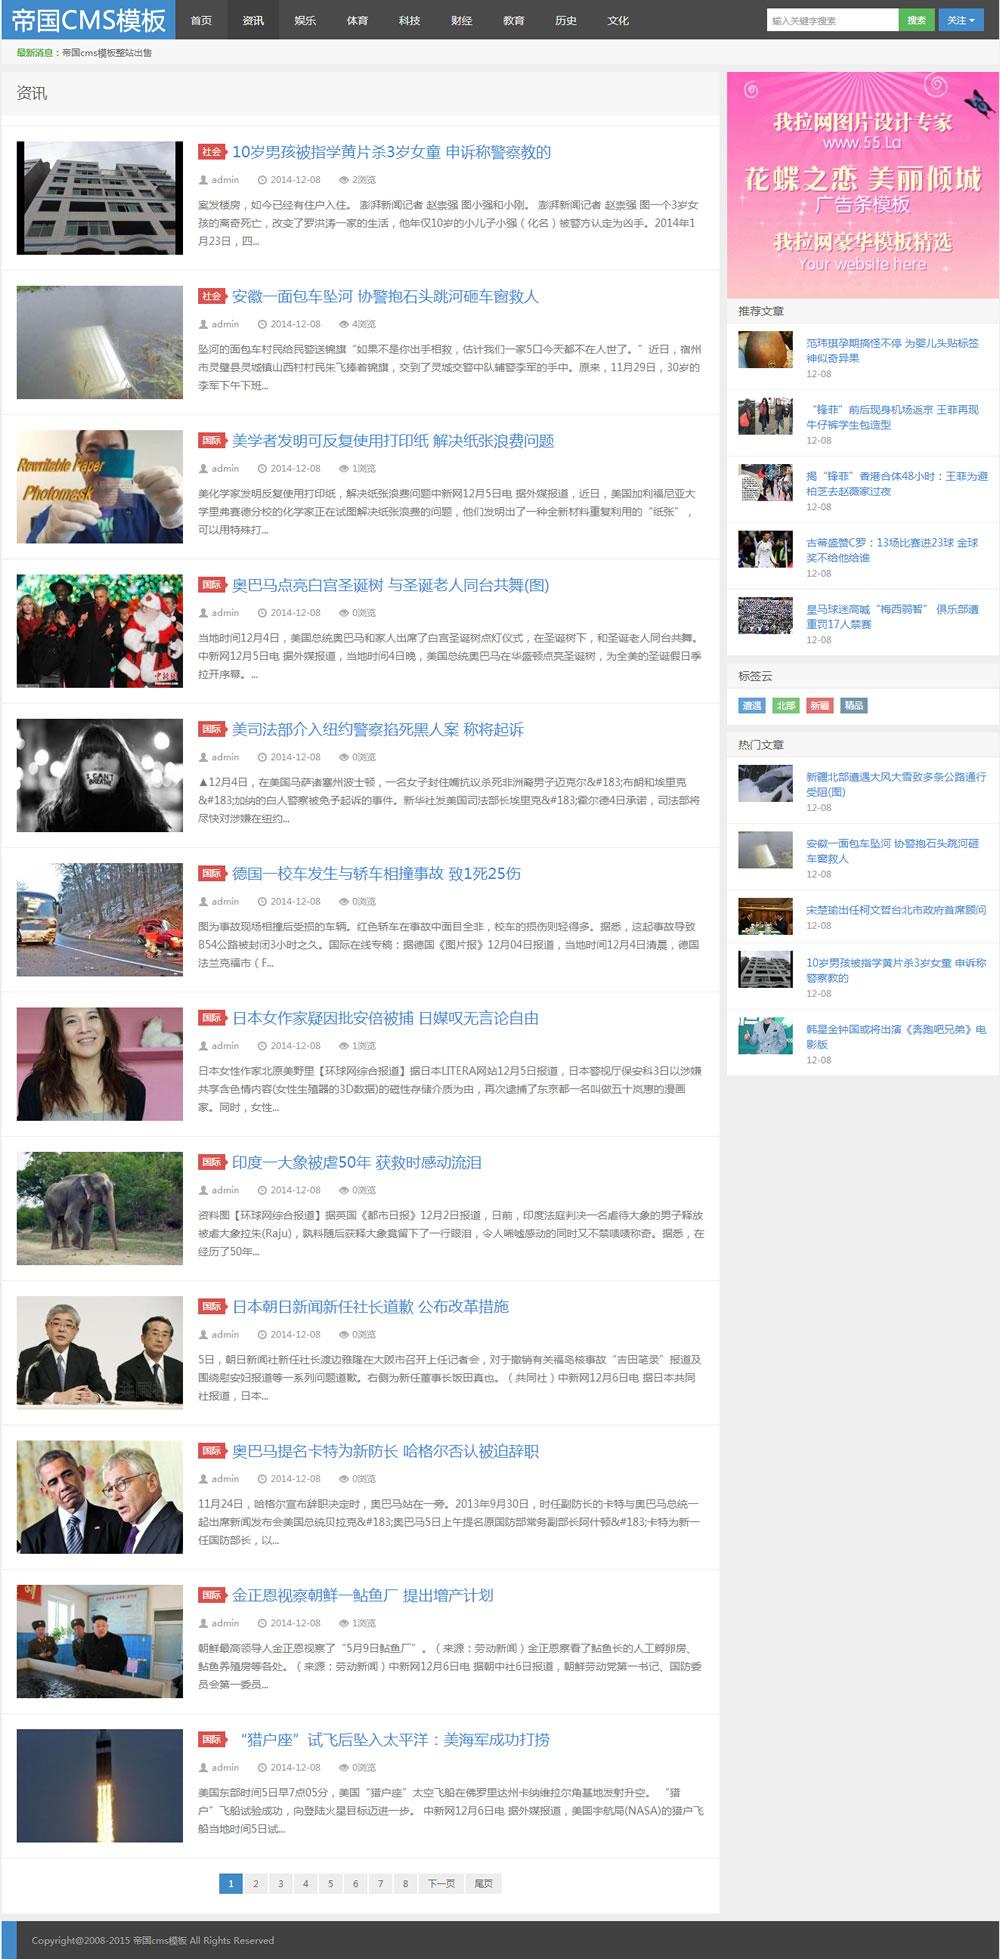 自适应手机版帝国cms文章新闻博客类网站模板_栏目页模板